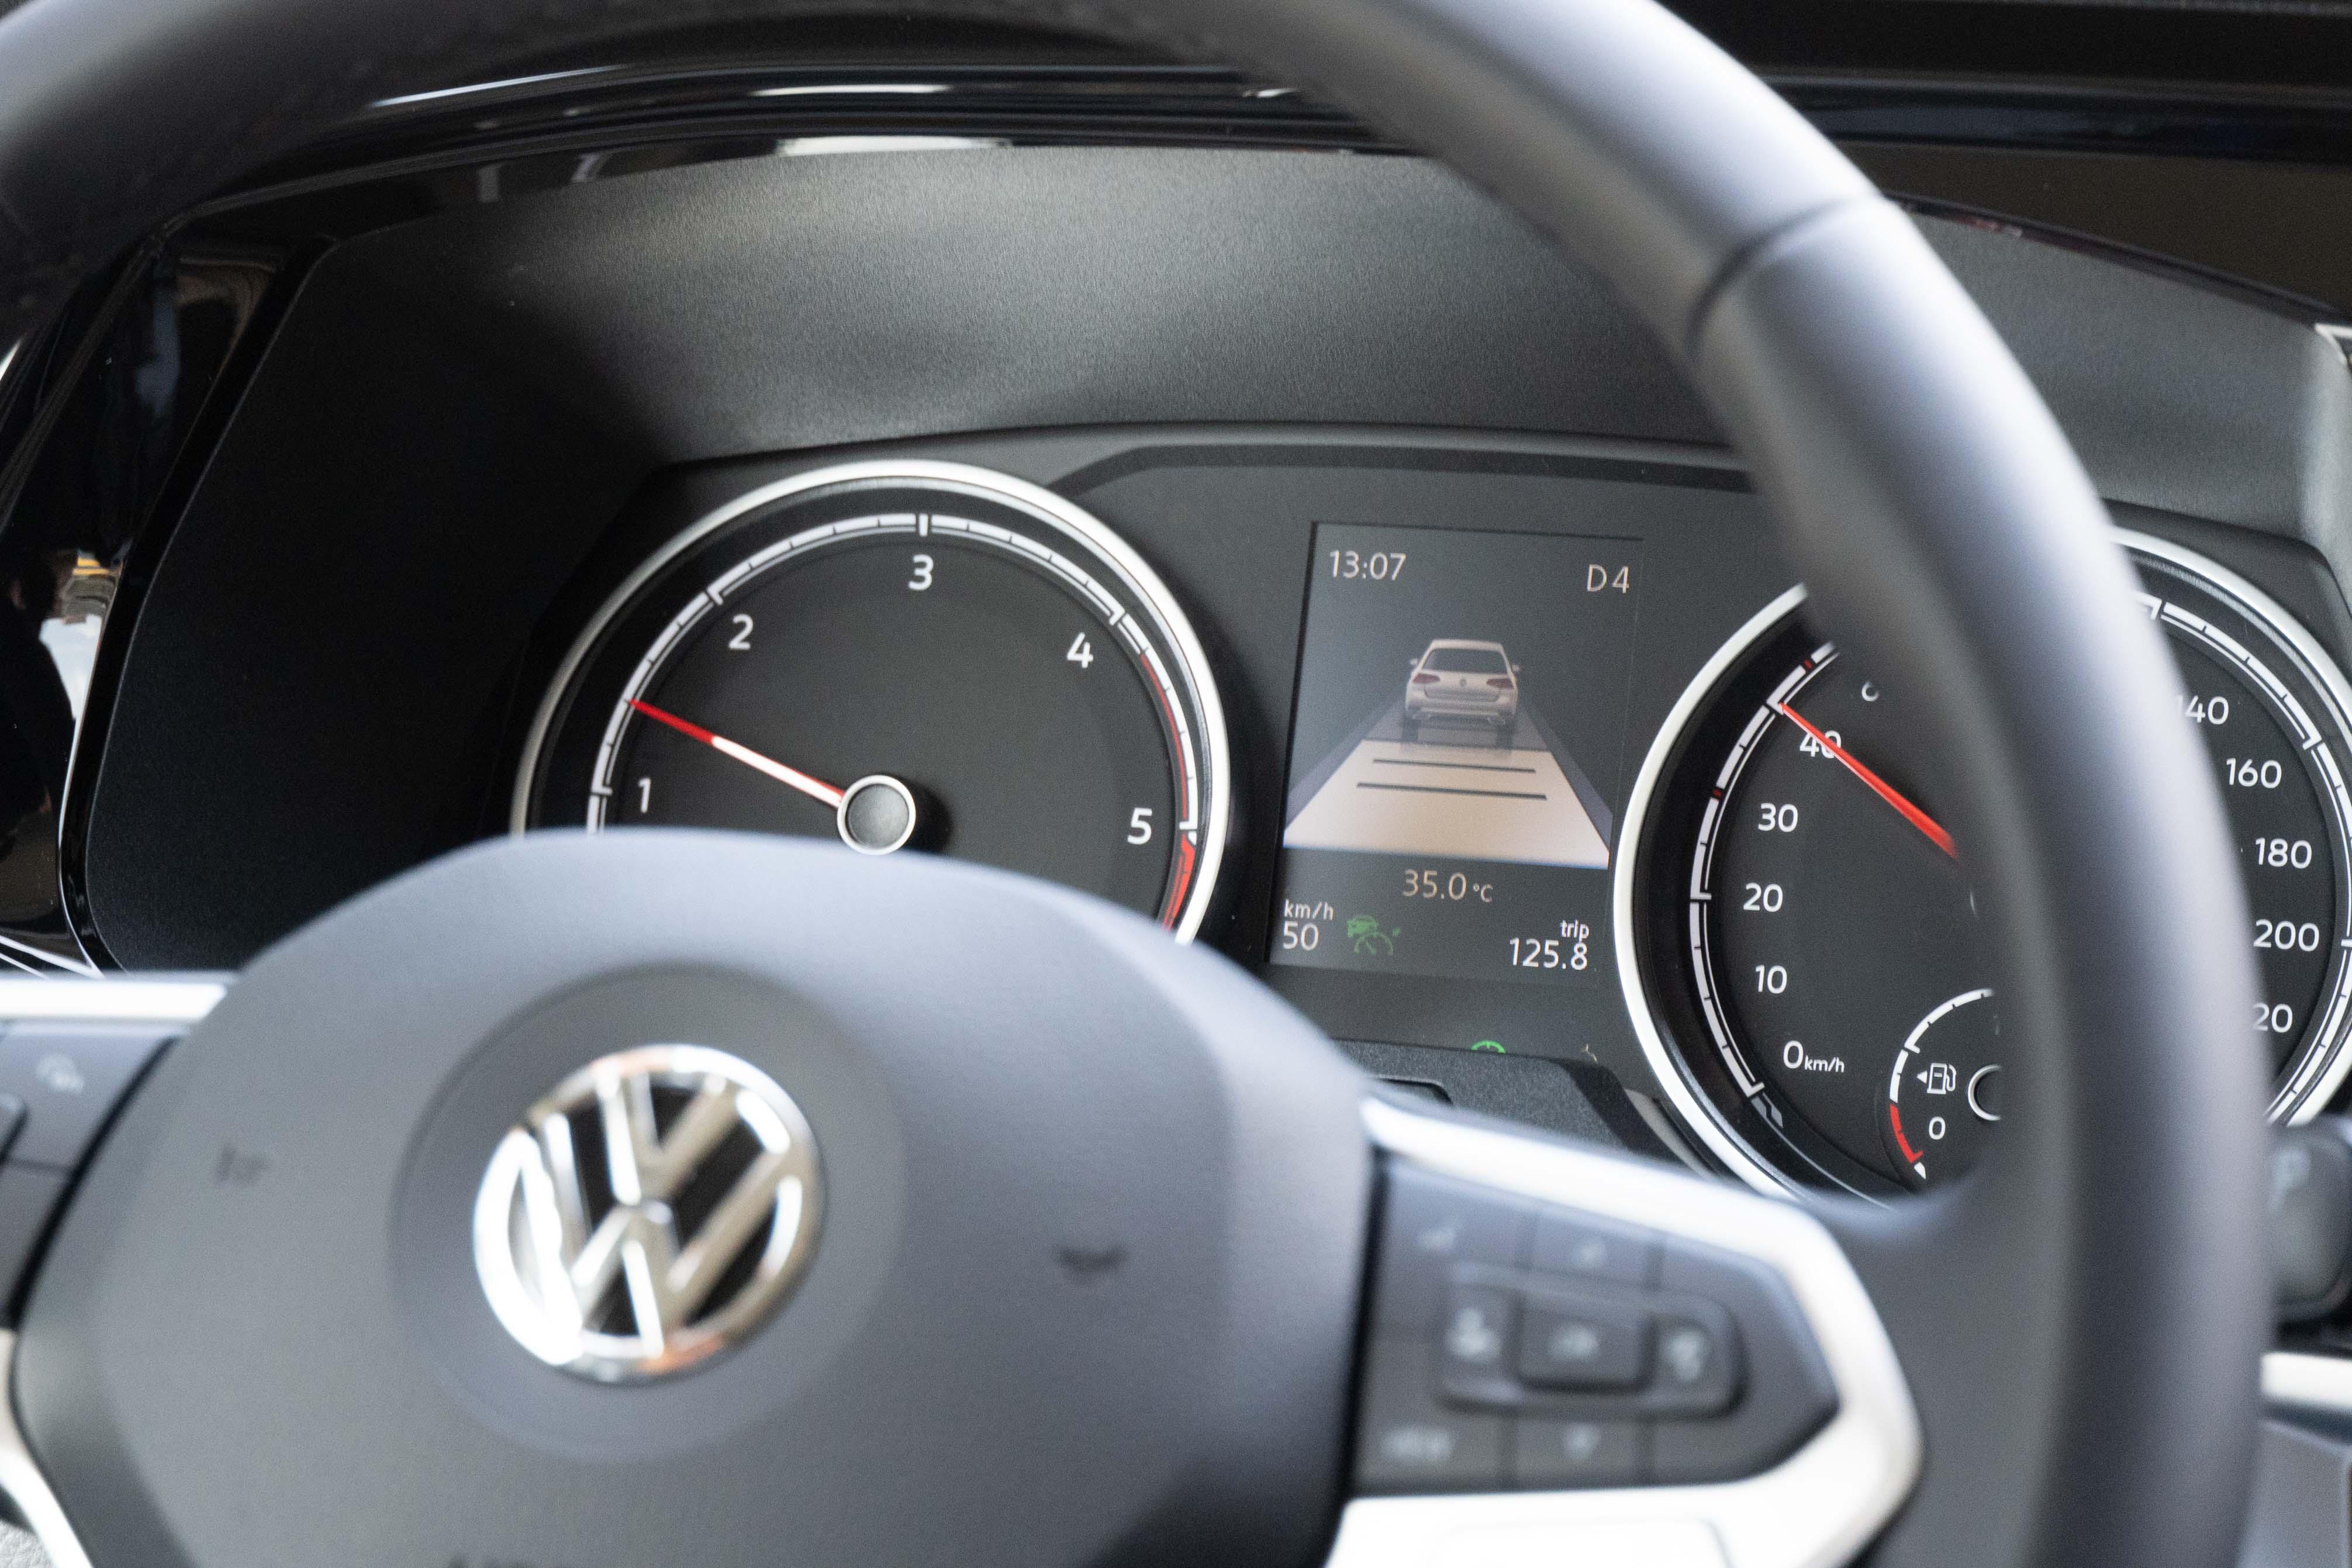 T6.1 Caravelle 199 系列除了全車系標配的「IQ.Drive 智能駕駛輔助系統」,還完整搭載可以跟車到停再啟動(Stop & Go)的全速域 ACC主動式車距調節巡航系統。